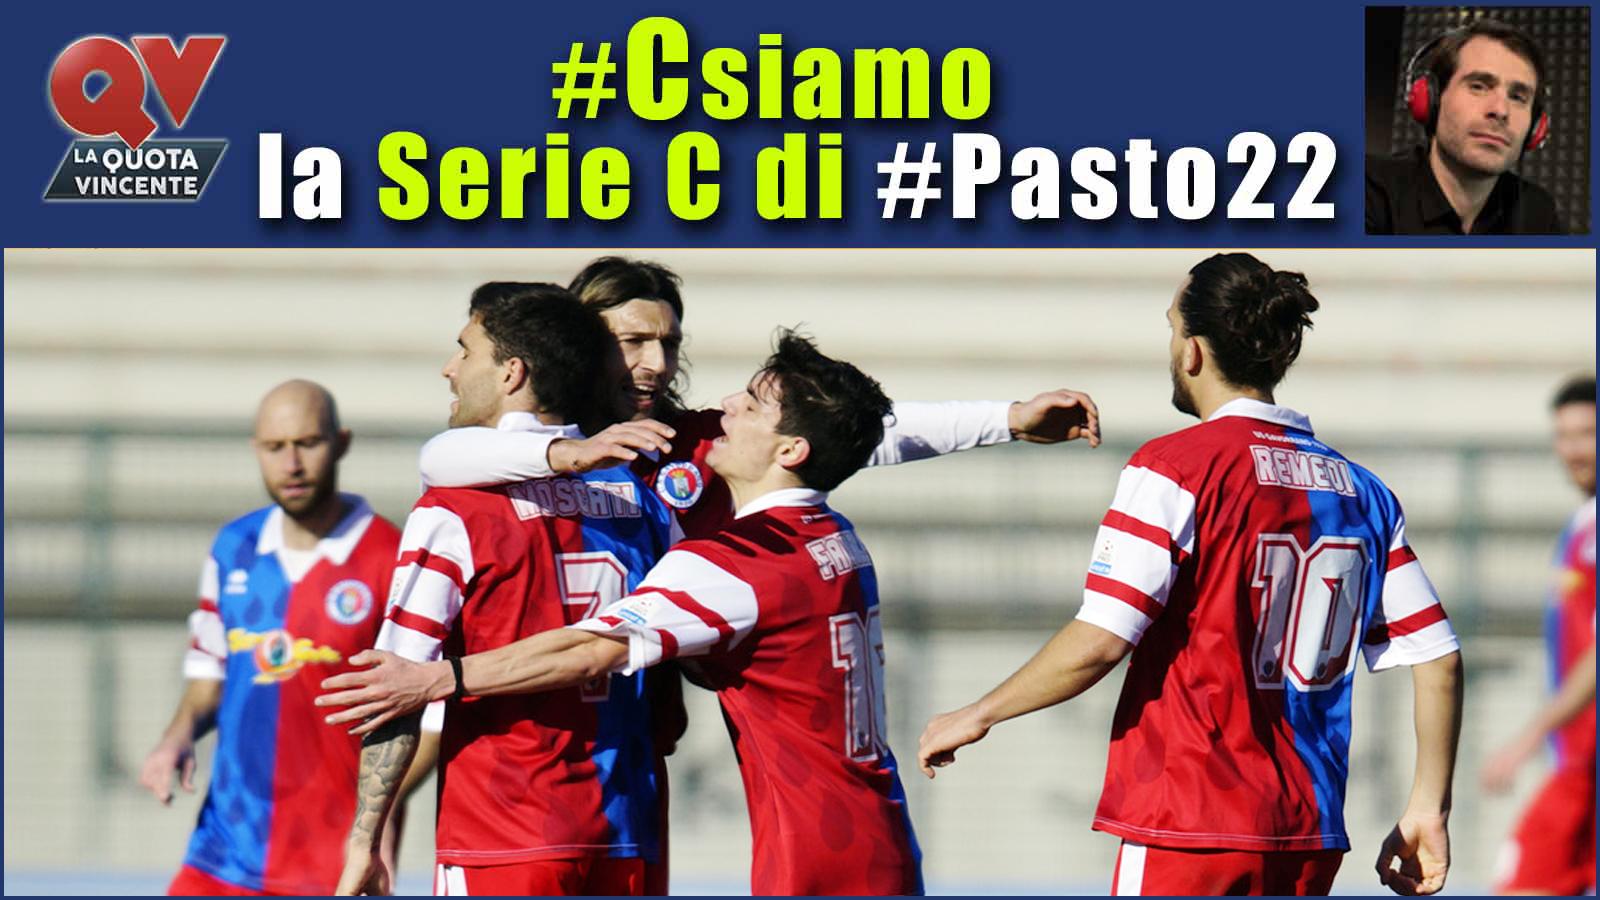 Pronostici Serie C 26 maggio: #Csiamo, il blog di #Pasto22 speciale playout e supercoppa